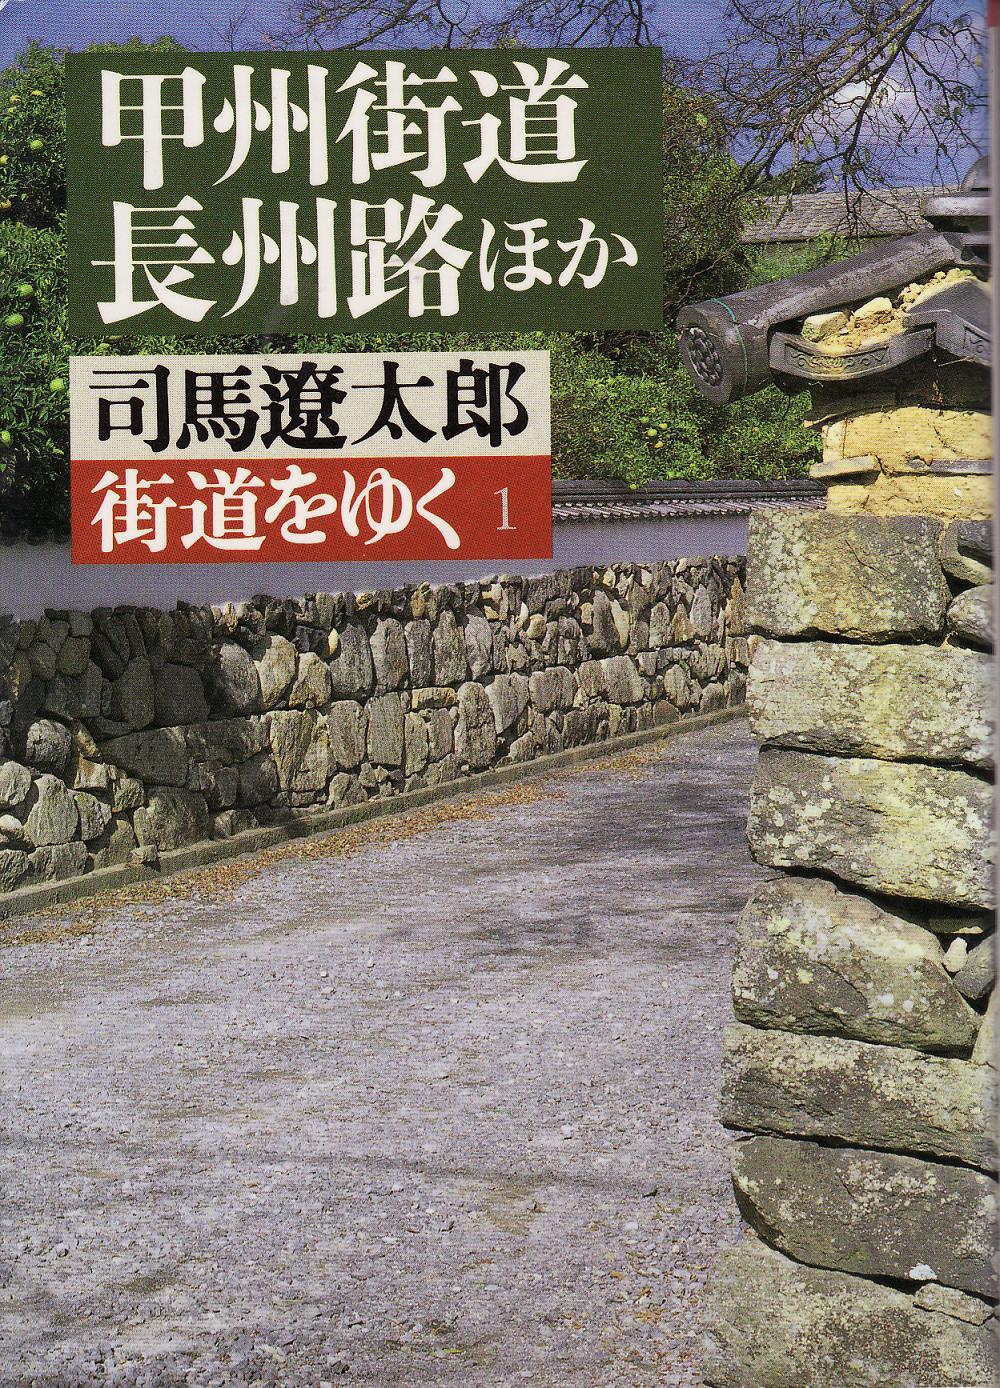 「司馬遼太郎を語る会」(8月の例会のご案内)